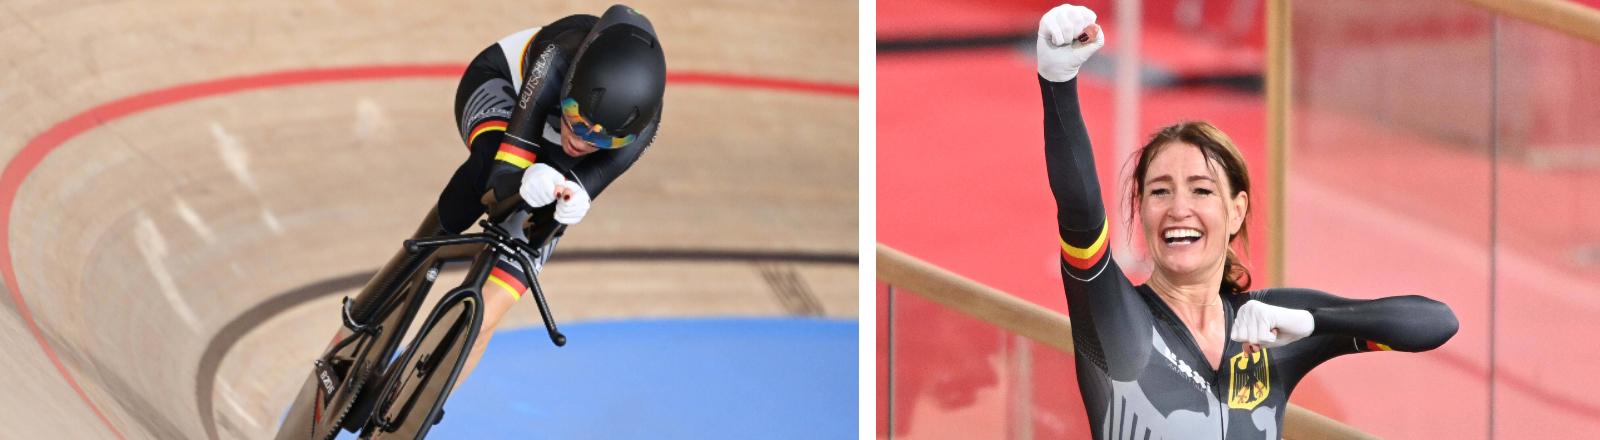 Radsportlerin Denise Schindler gewinnt bei den Paralympics in Tokio Bronze.